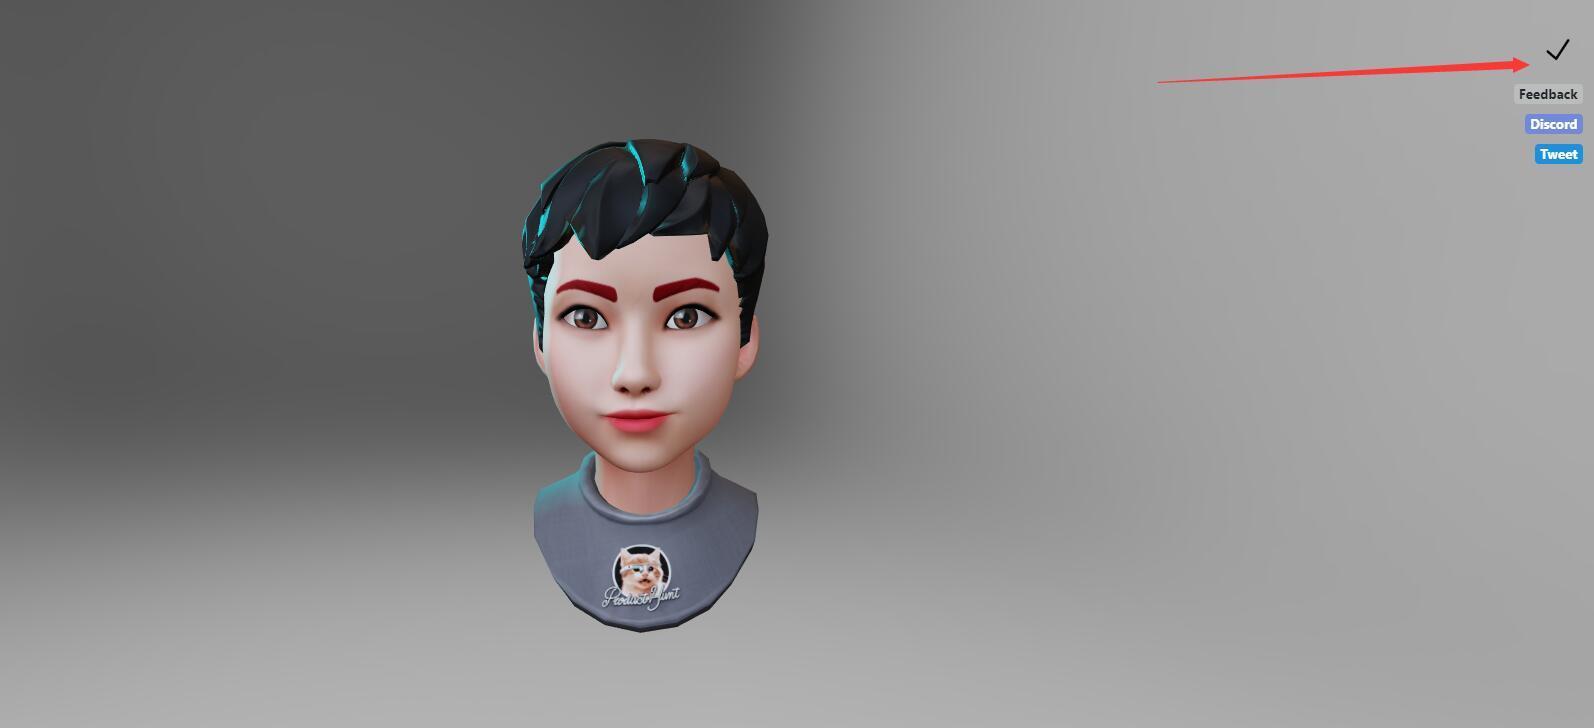 【趣味网站】Ready Player Me— 制作个人专属3D头像插图(7)